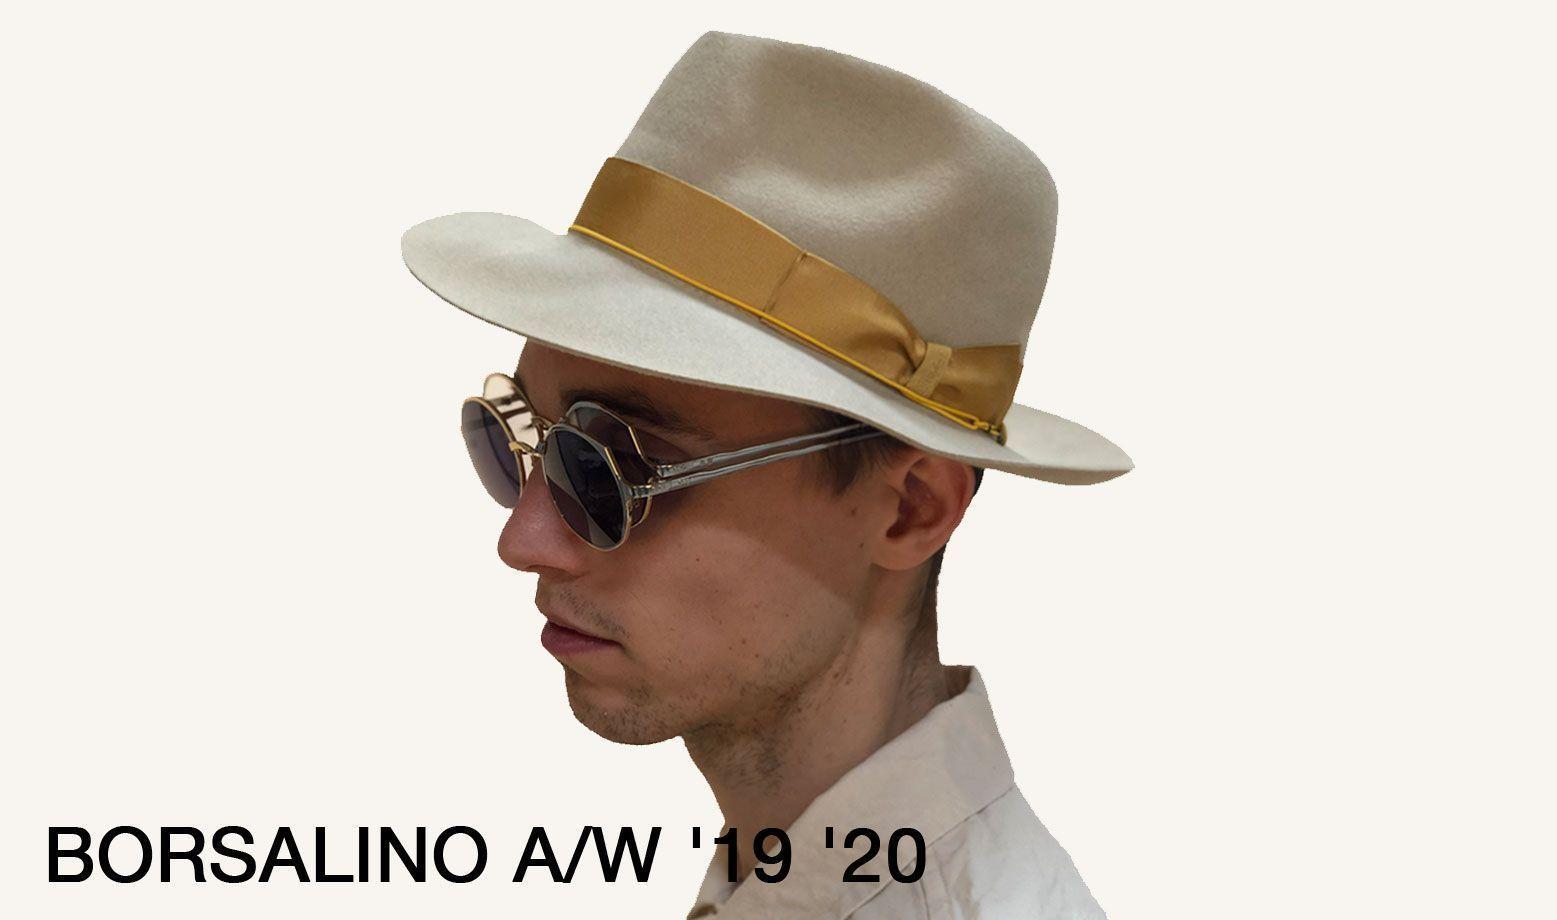 BORSALINO A/W '19 '20